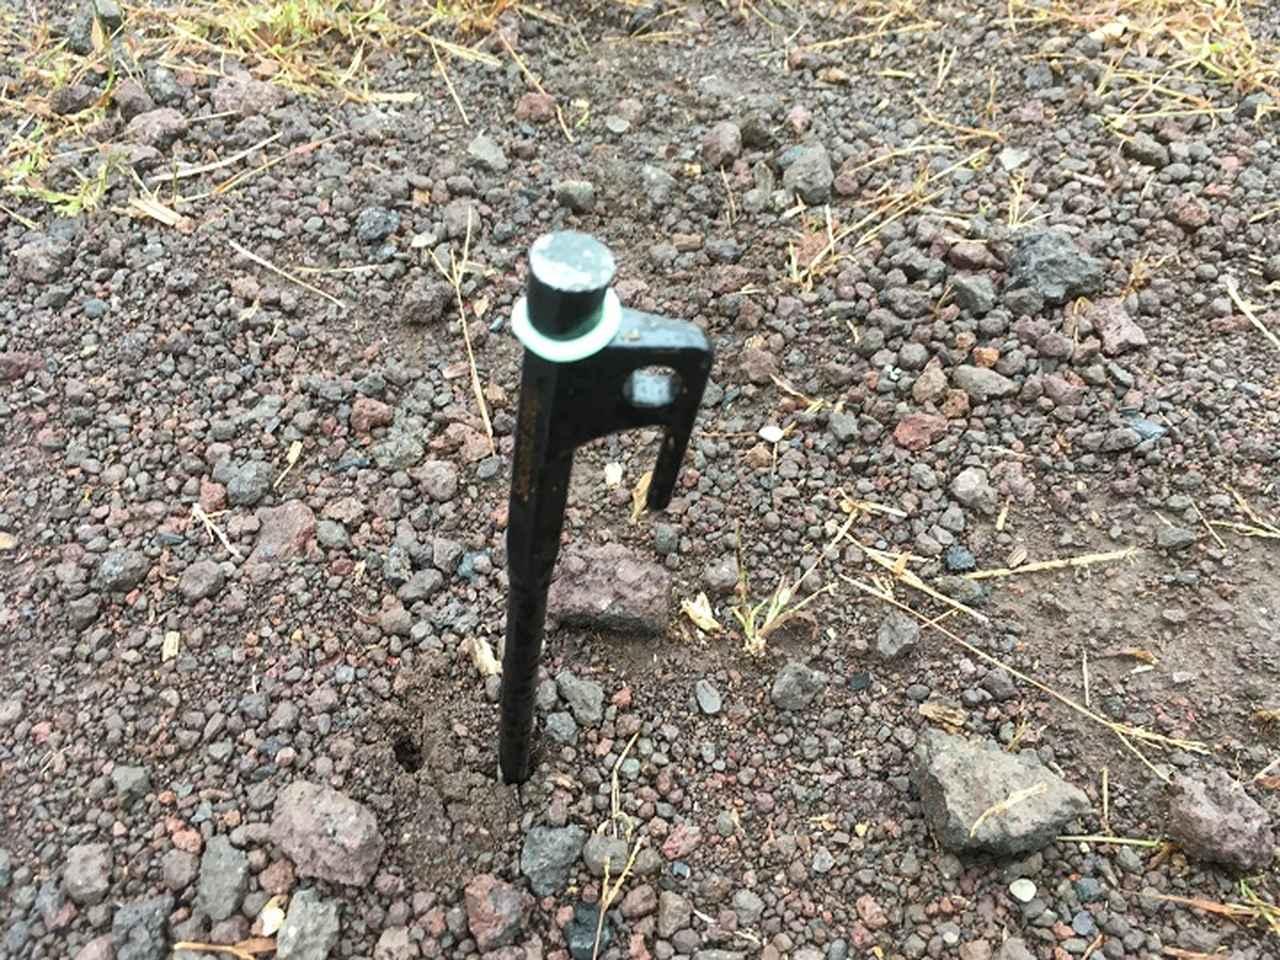 画像: 筆者撮影:溶岩質の固い地面に刺さる鍛造ペグ